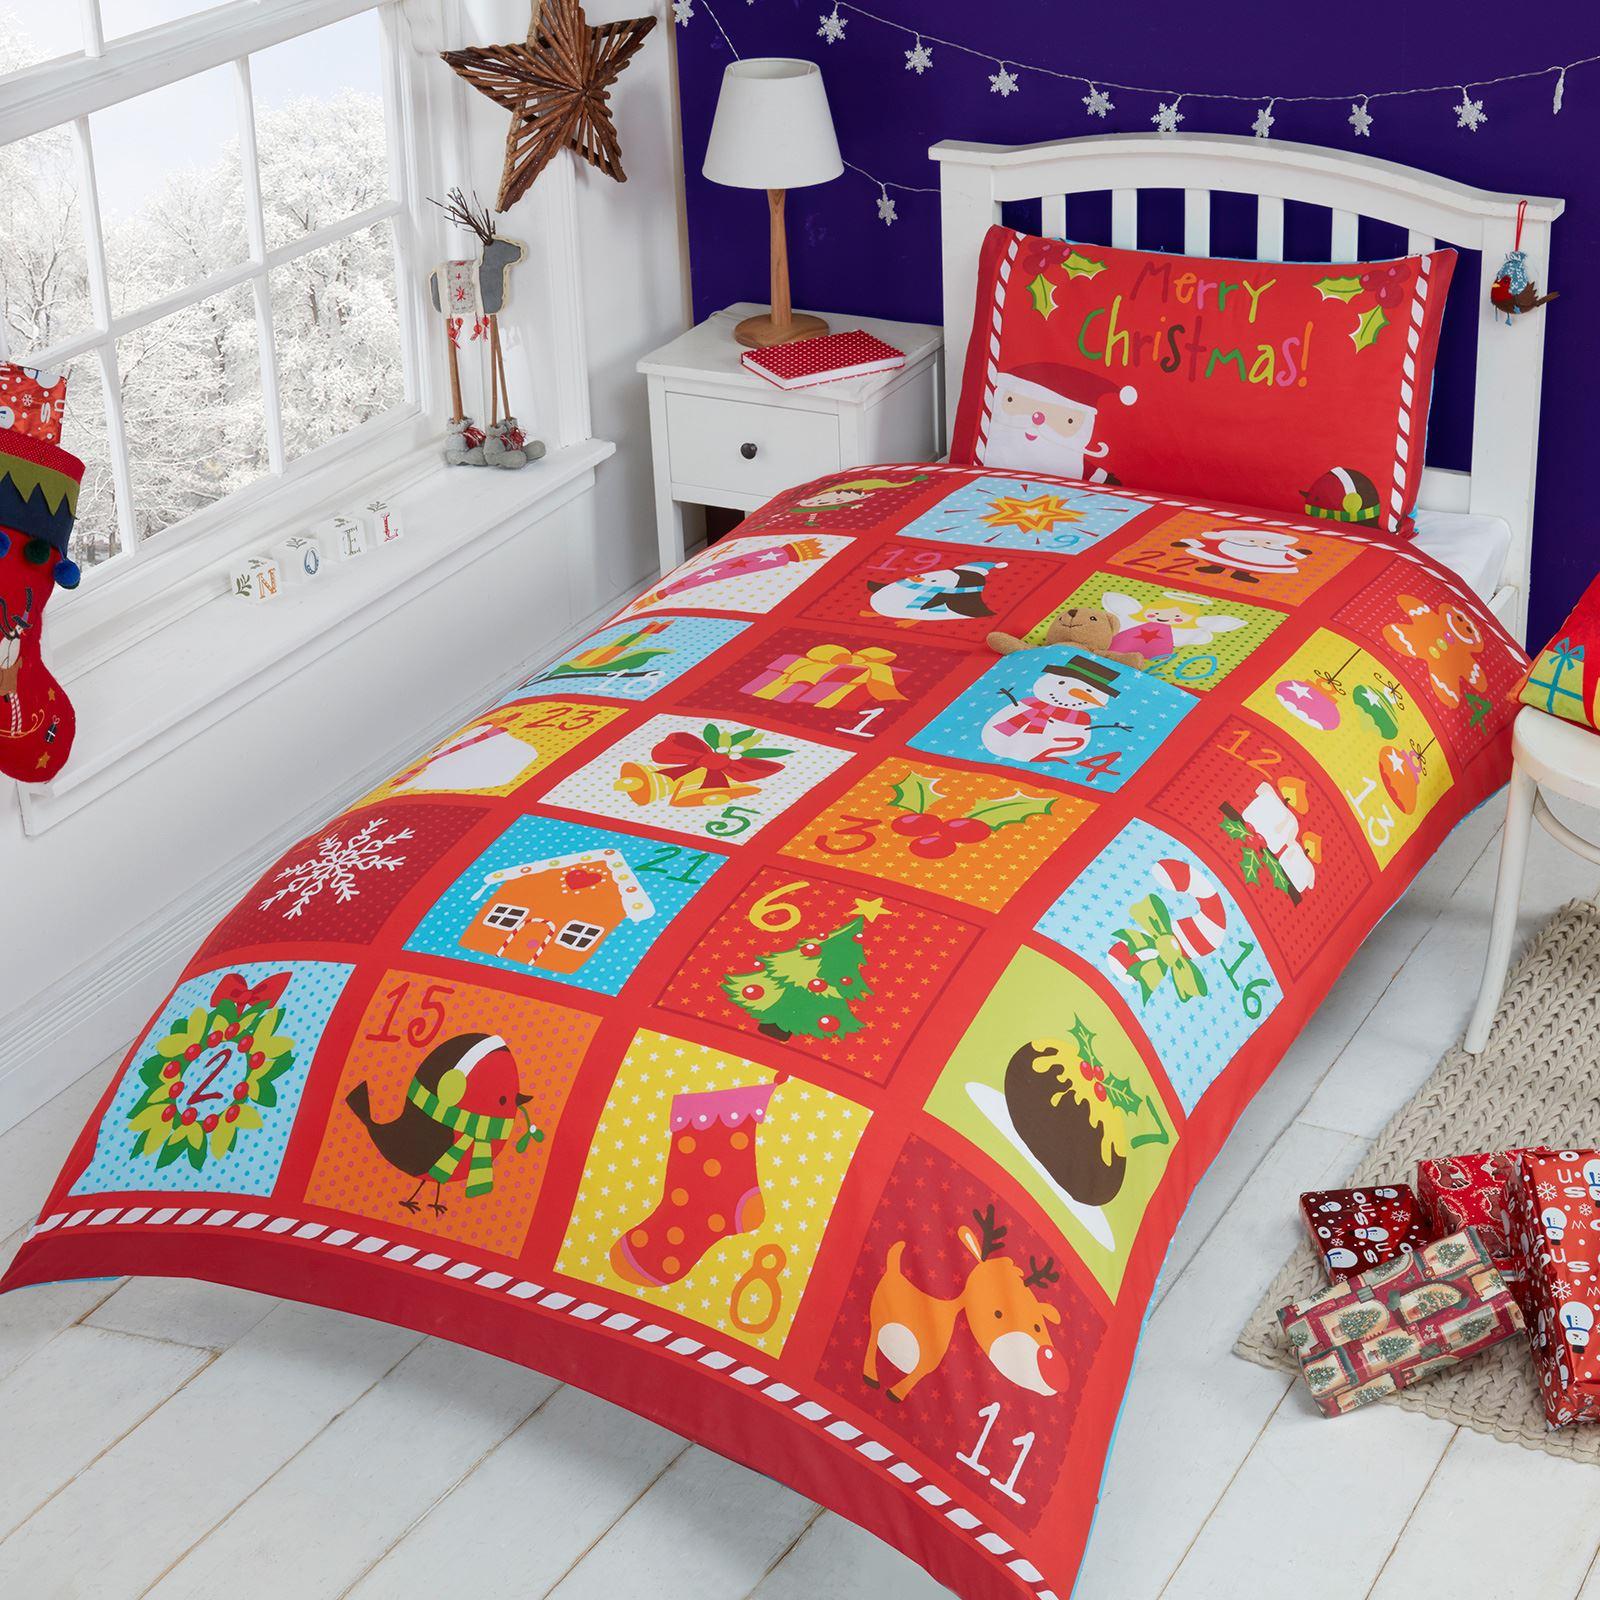 no l housse de couette ensembles bonhomme neige p re renne emoji literie ebay. Black Bedroom Furniture Sets. Home Design Ideas